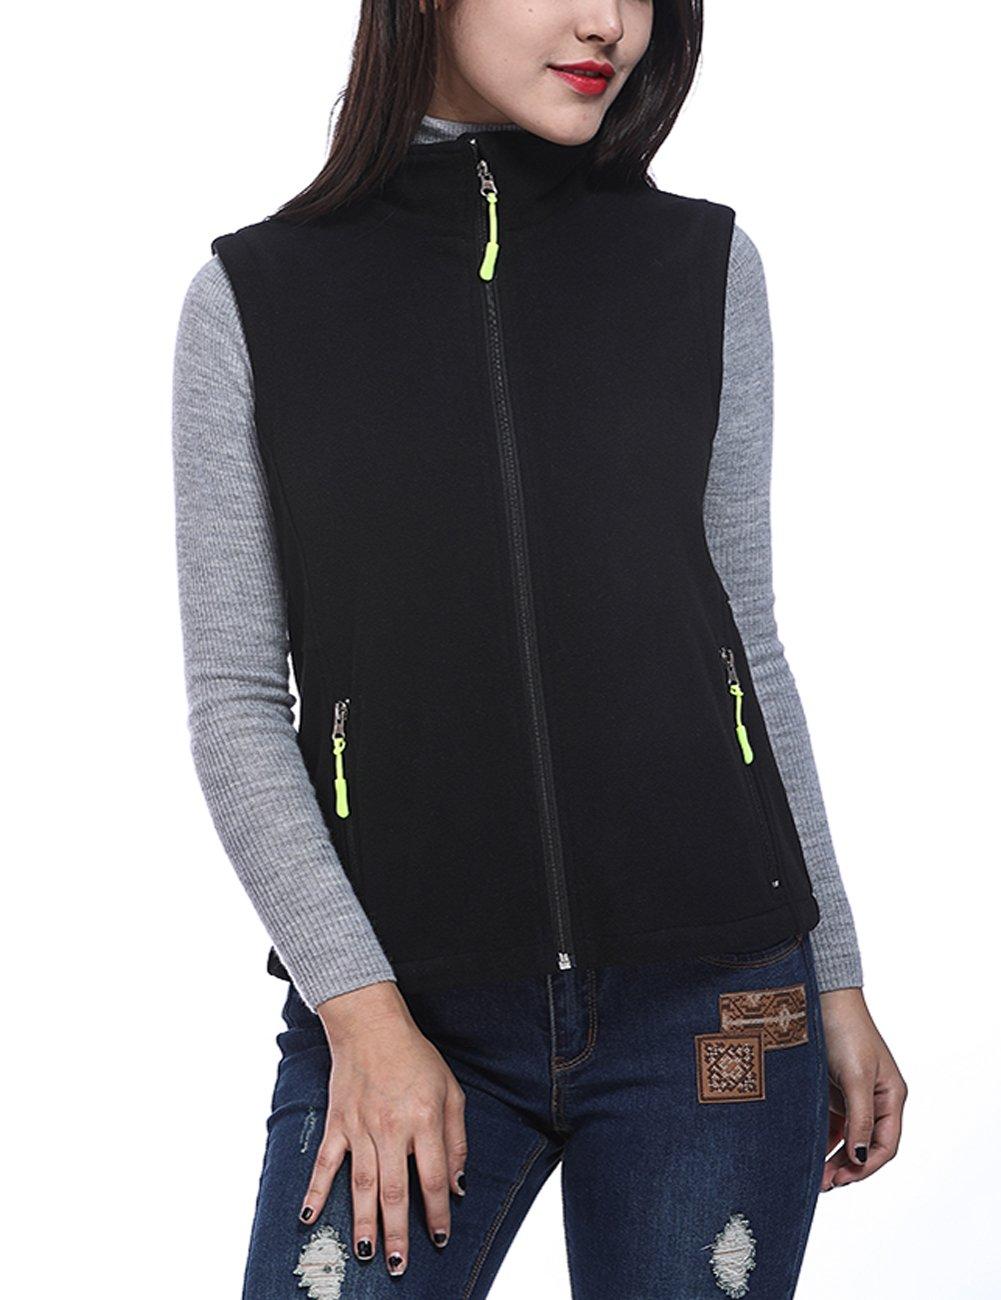 HEQU Women's Soft Sweater Front Zip Fleece Vest Black 2XL